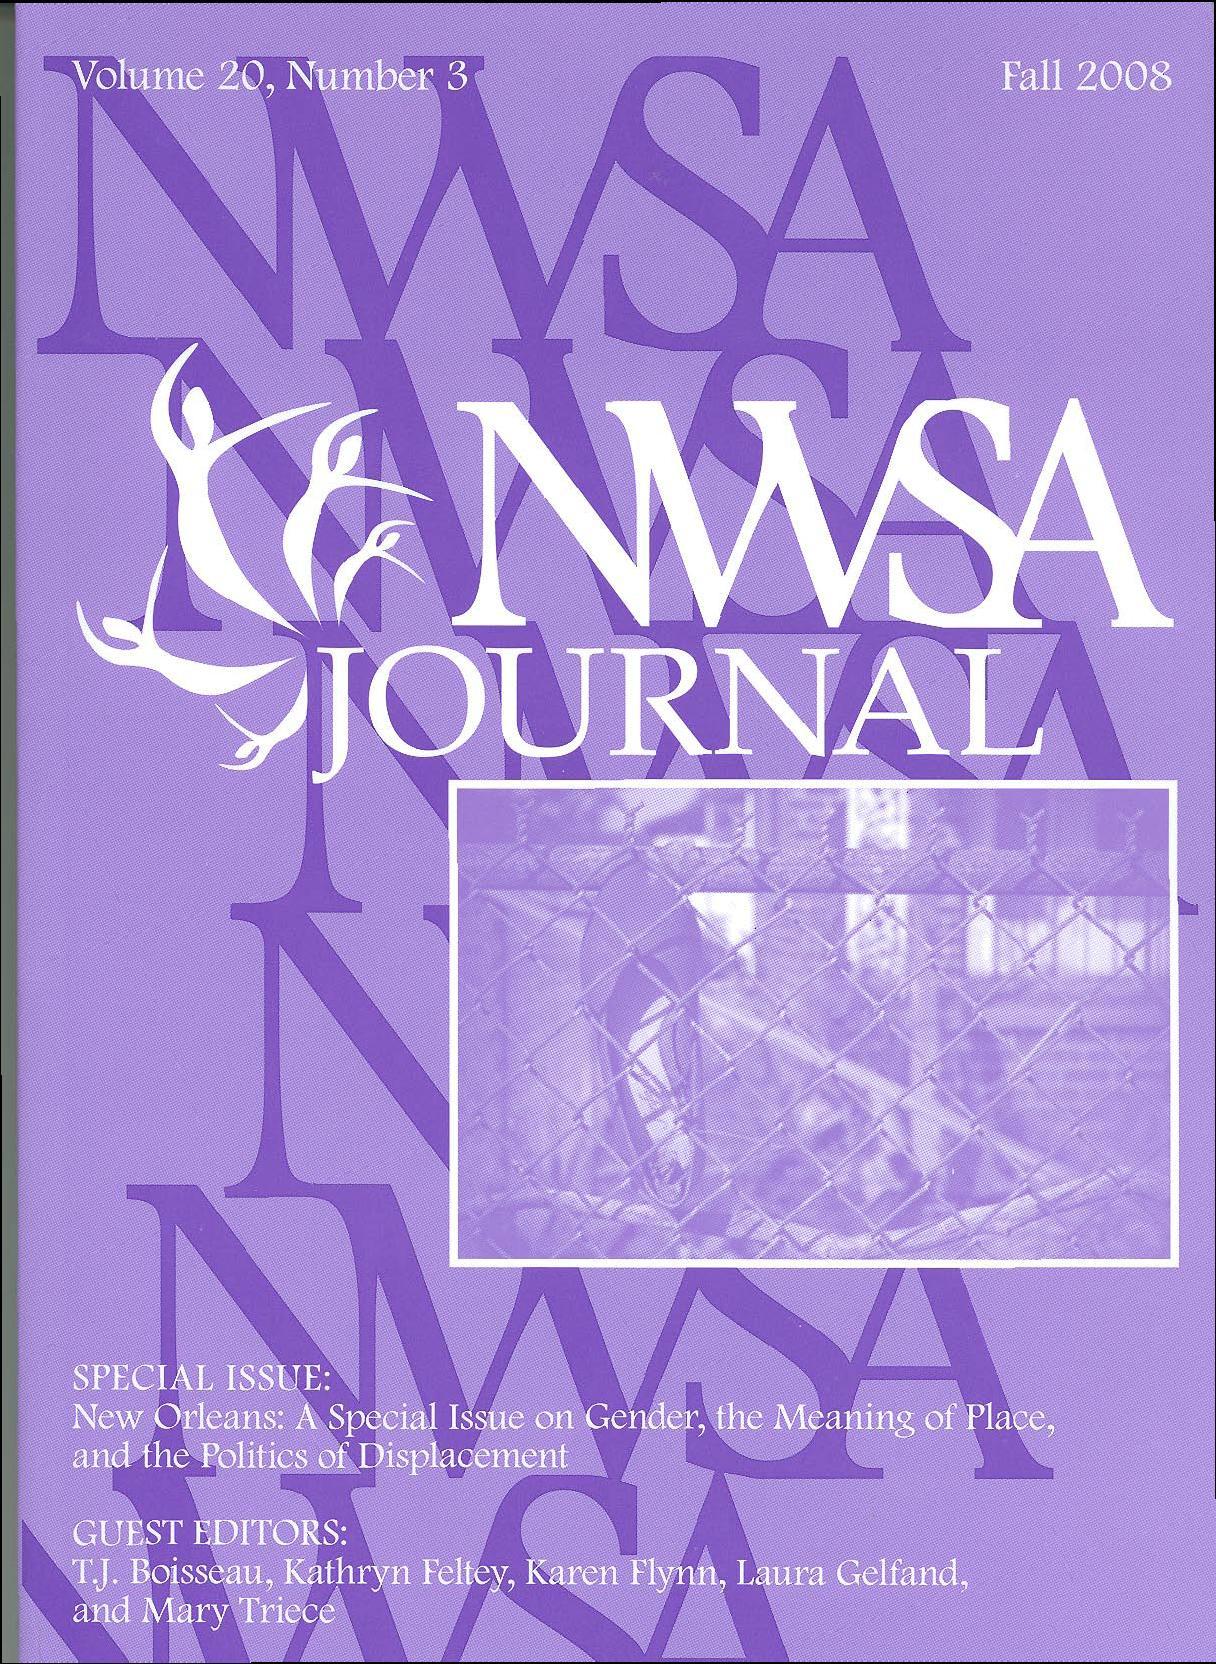 nwsa-journal